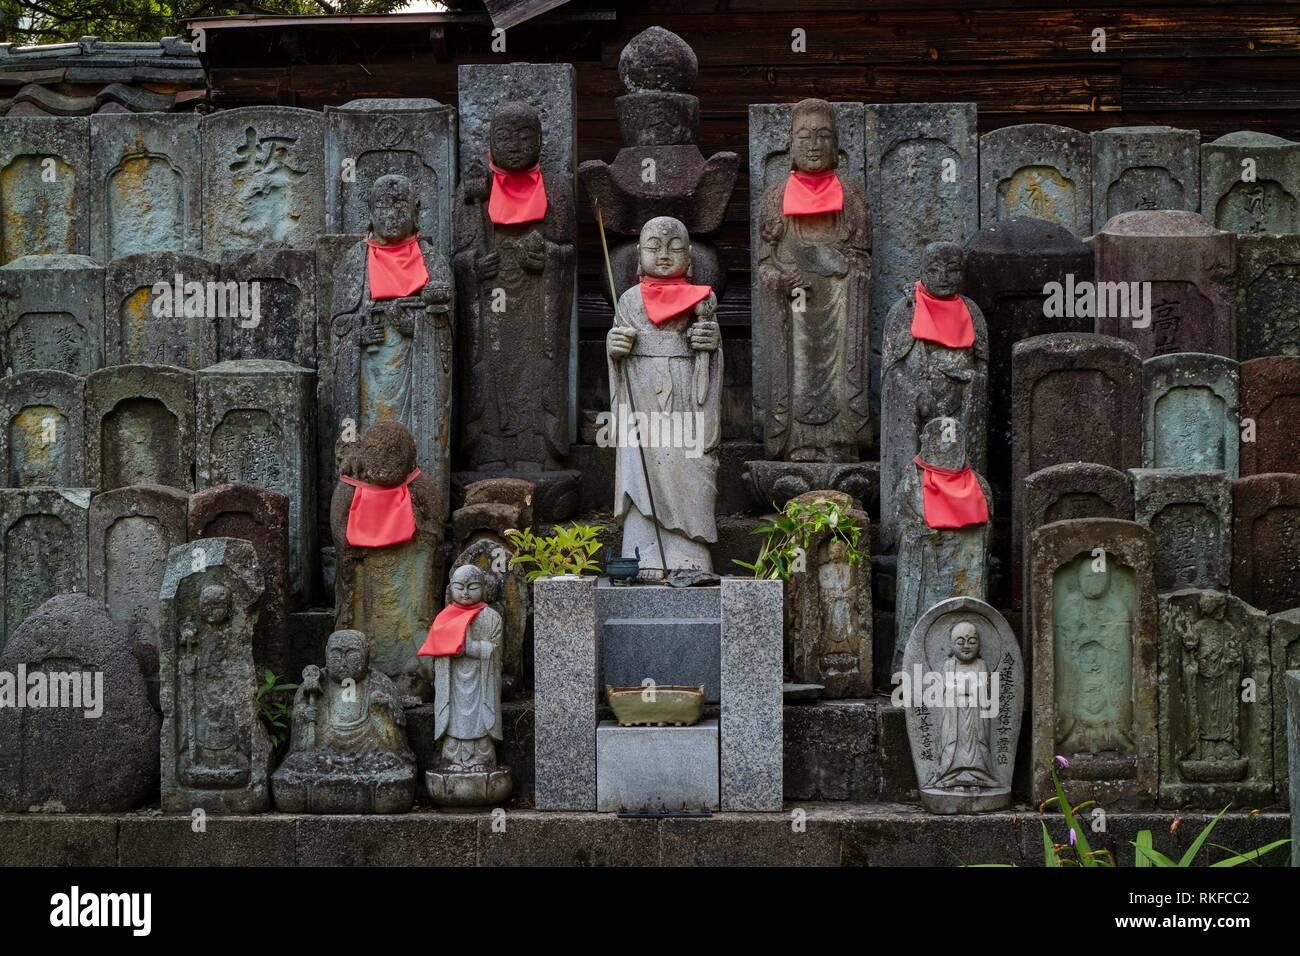 Traditional stone Jizo Bosatsu statues in Nagamachi Samurai District, Kanazawa. - Stock Image